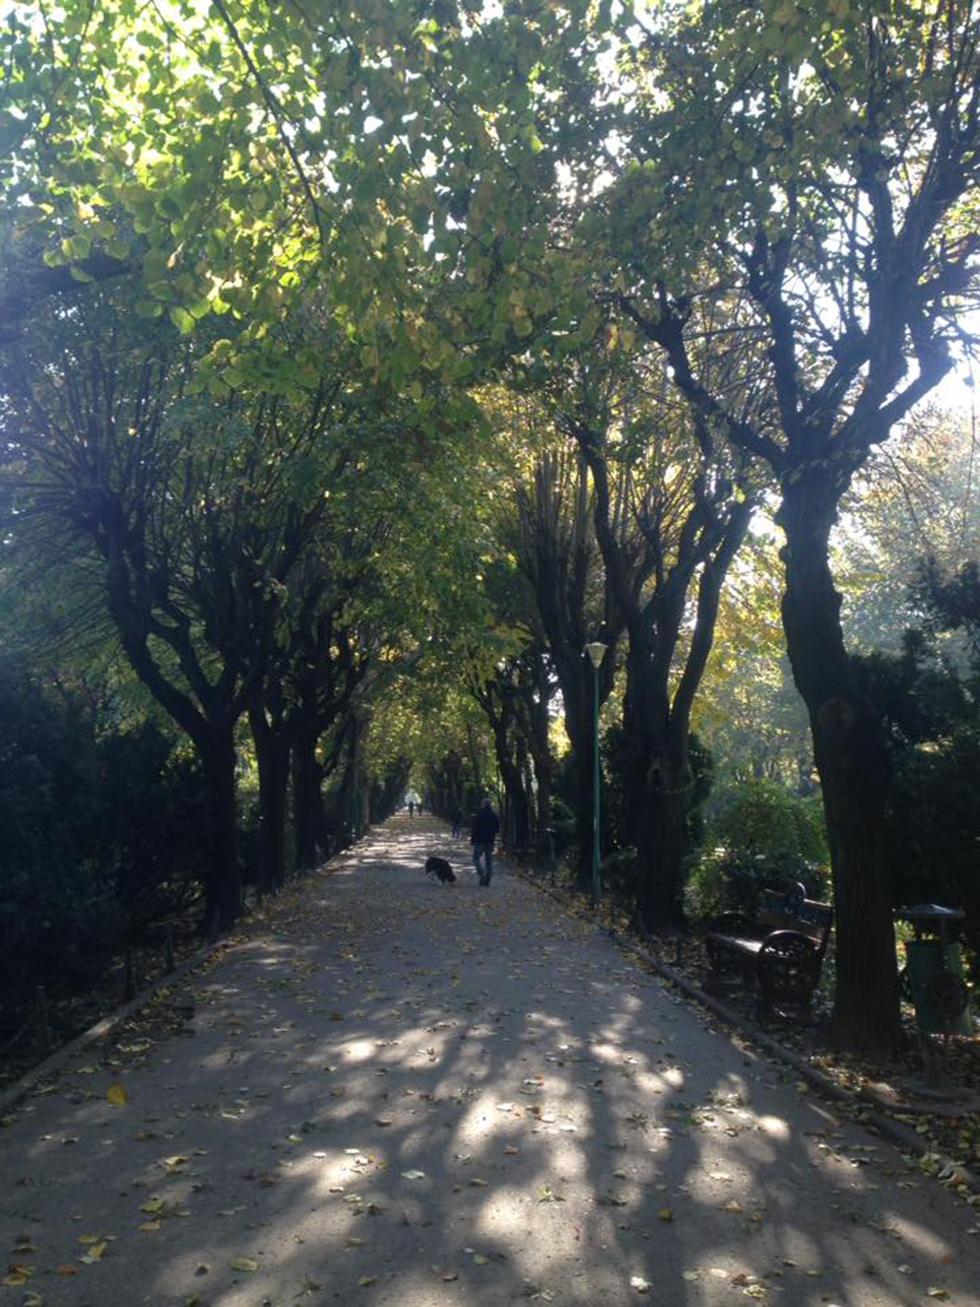 160 דונם של ריאה ירוקה באמצע העיר